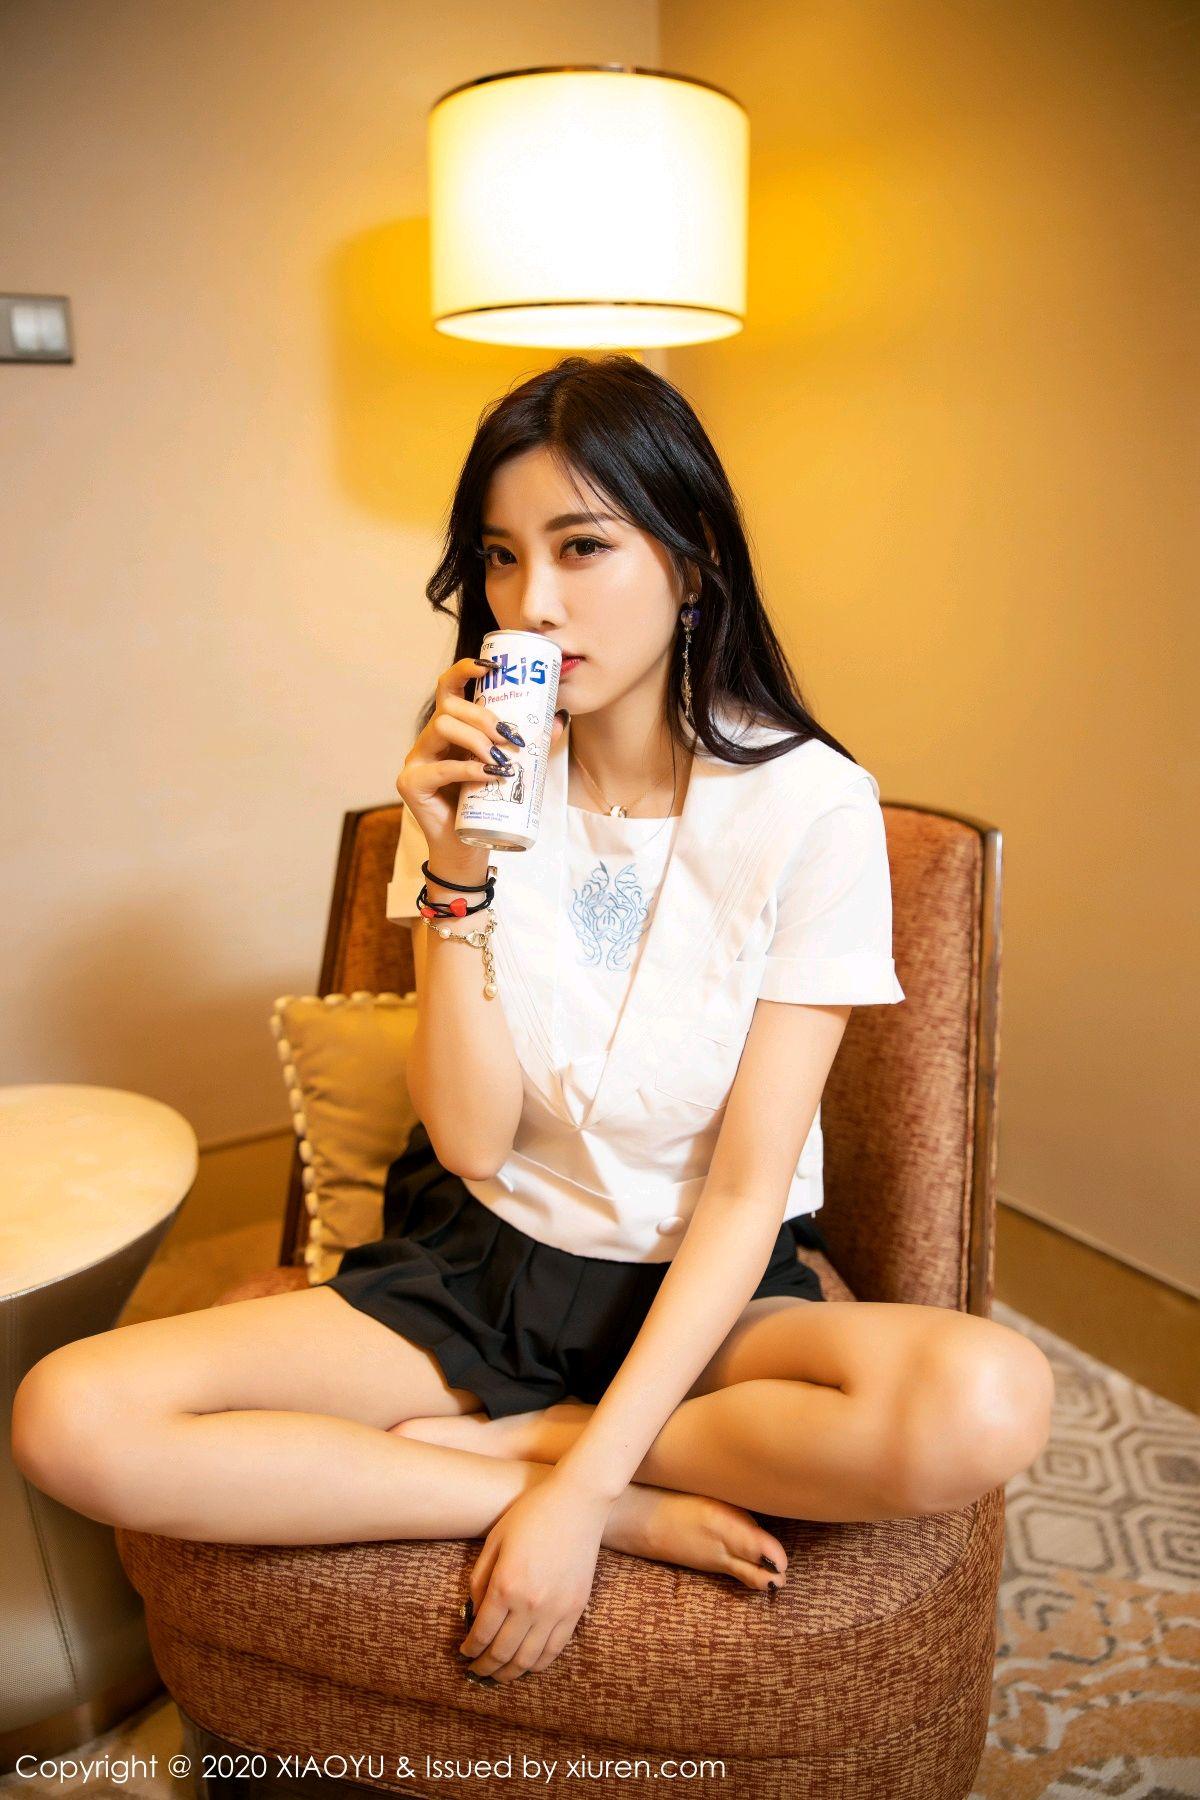 [XIAOYU] Vol.305 Yang Chen Chen 25P, Sexy, Underwear, Uniform, XiaoYu, Yang Chen Chen